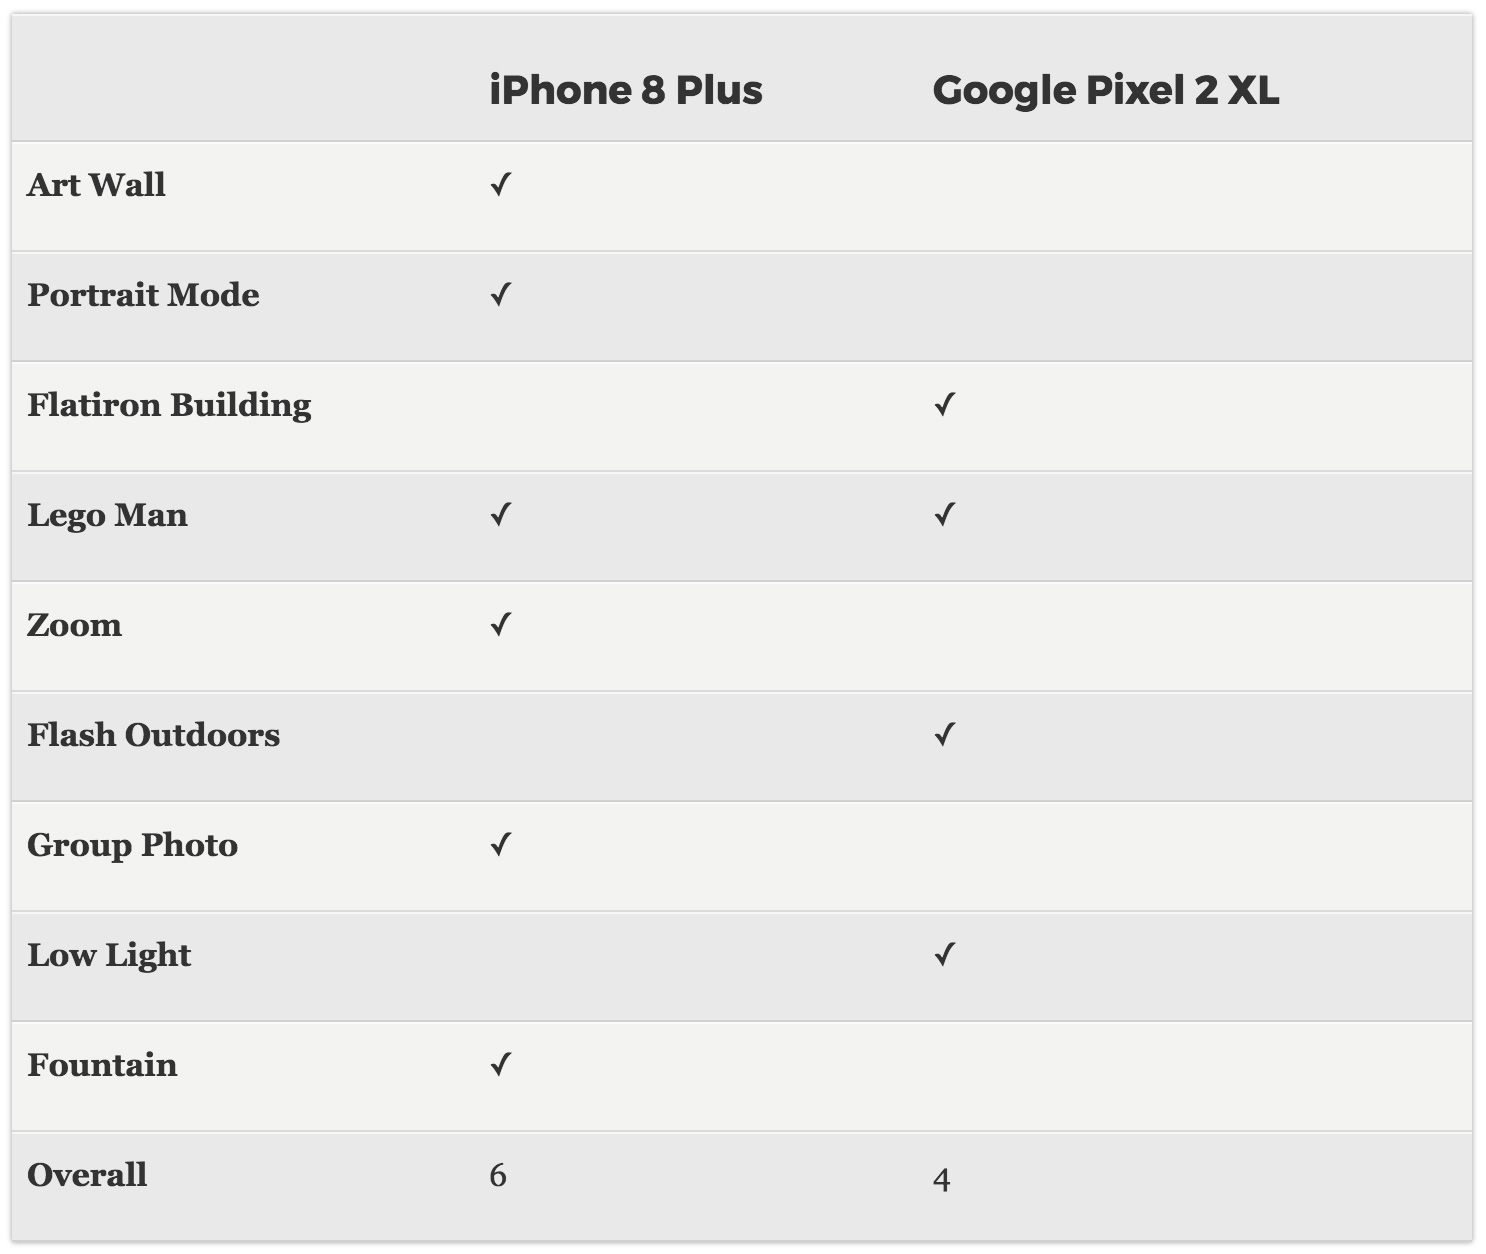 Tabla comparativa de imágenes tomadas con el iPhone 8 Plus y el Pixel 2